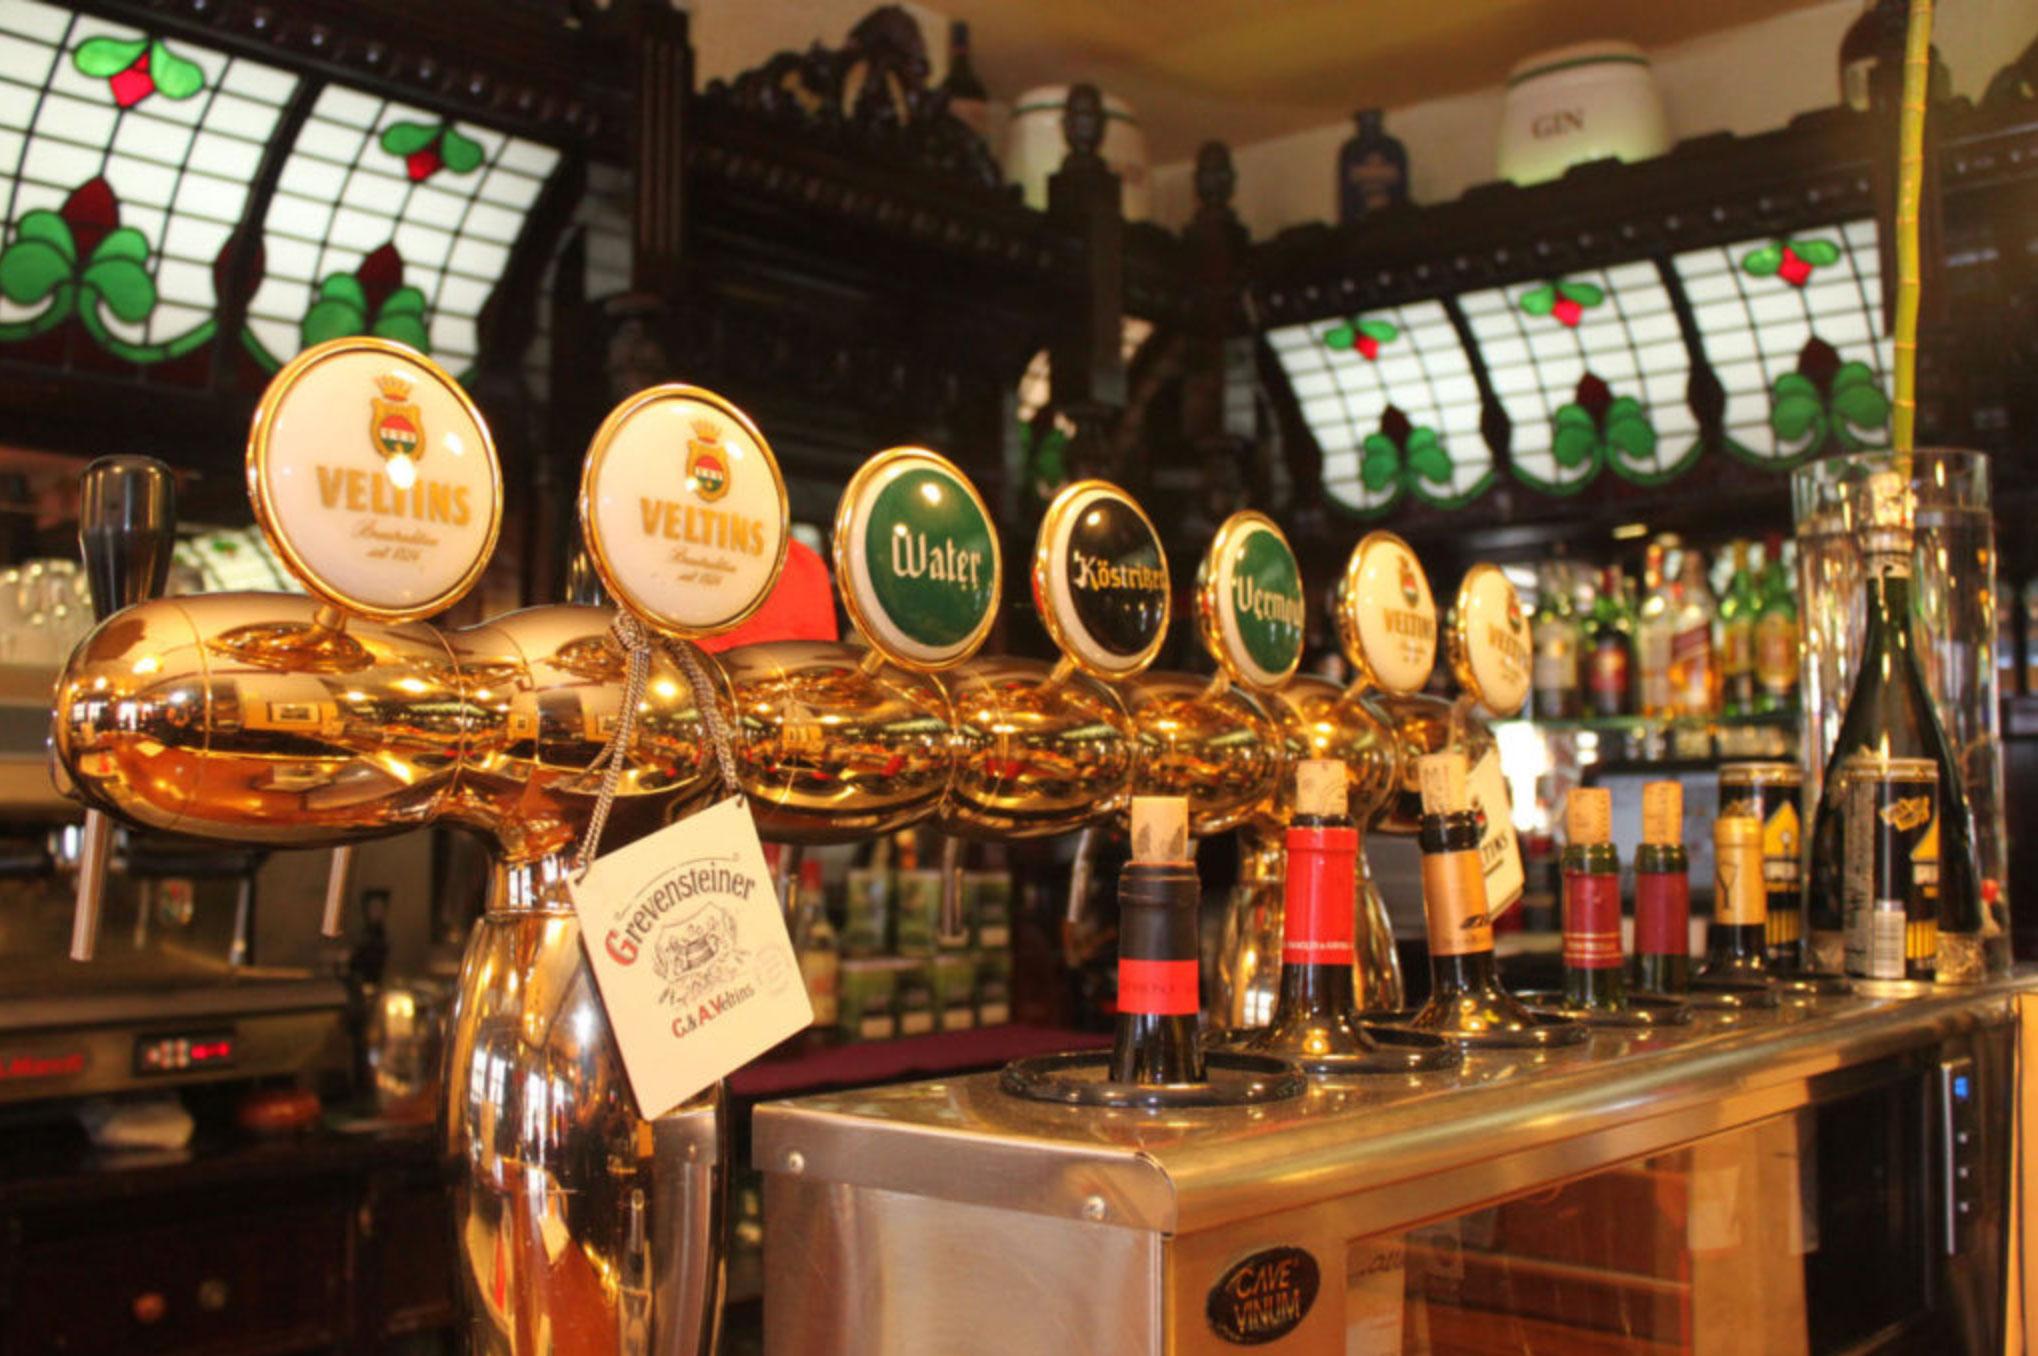 Grifo de cervezas artesanas en el restaurante El Galeón en Alcorcón